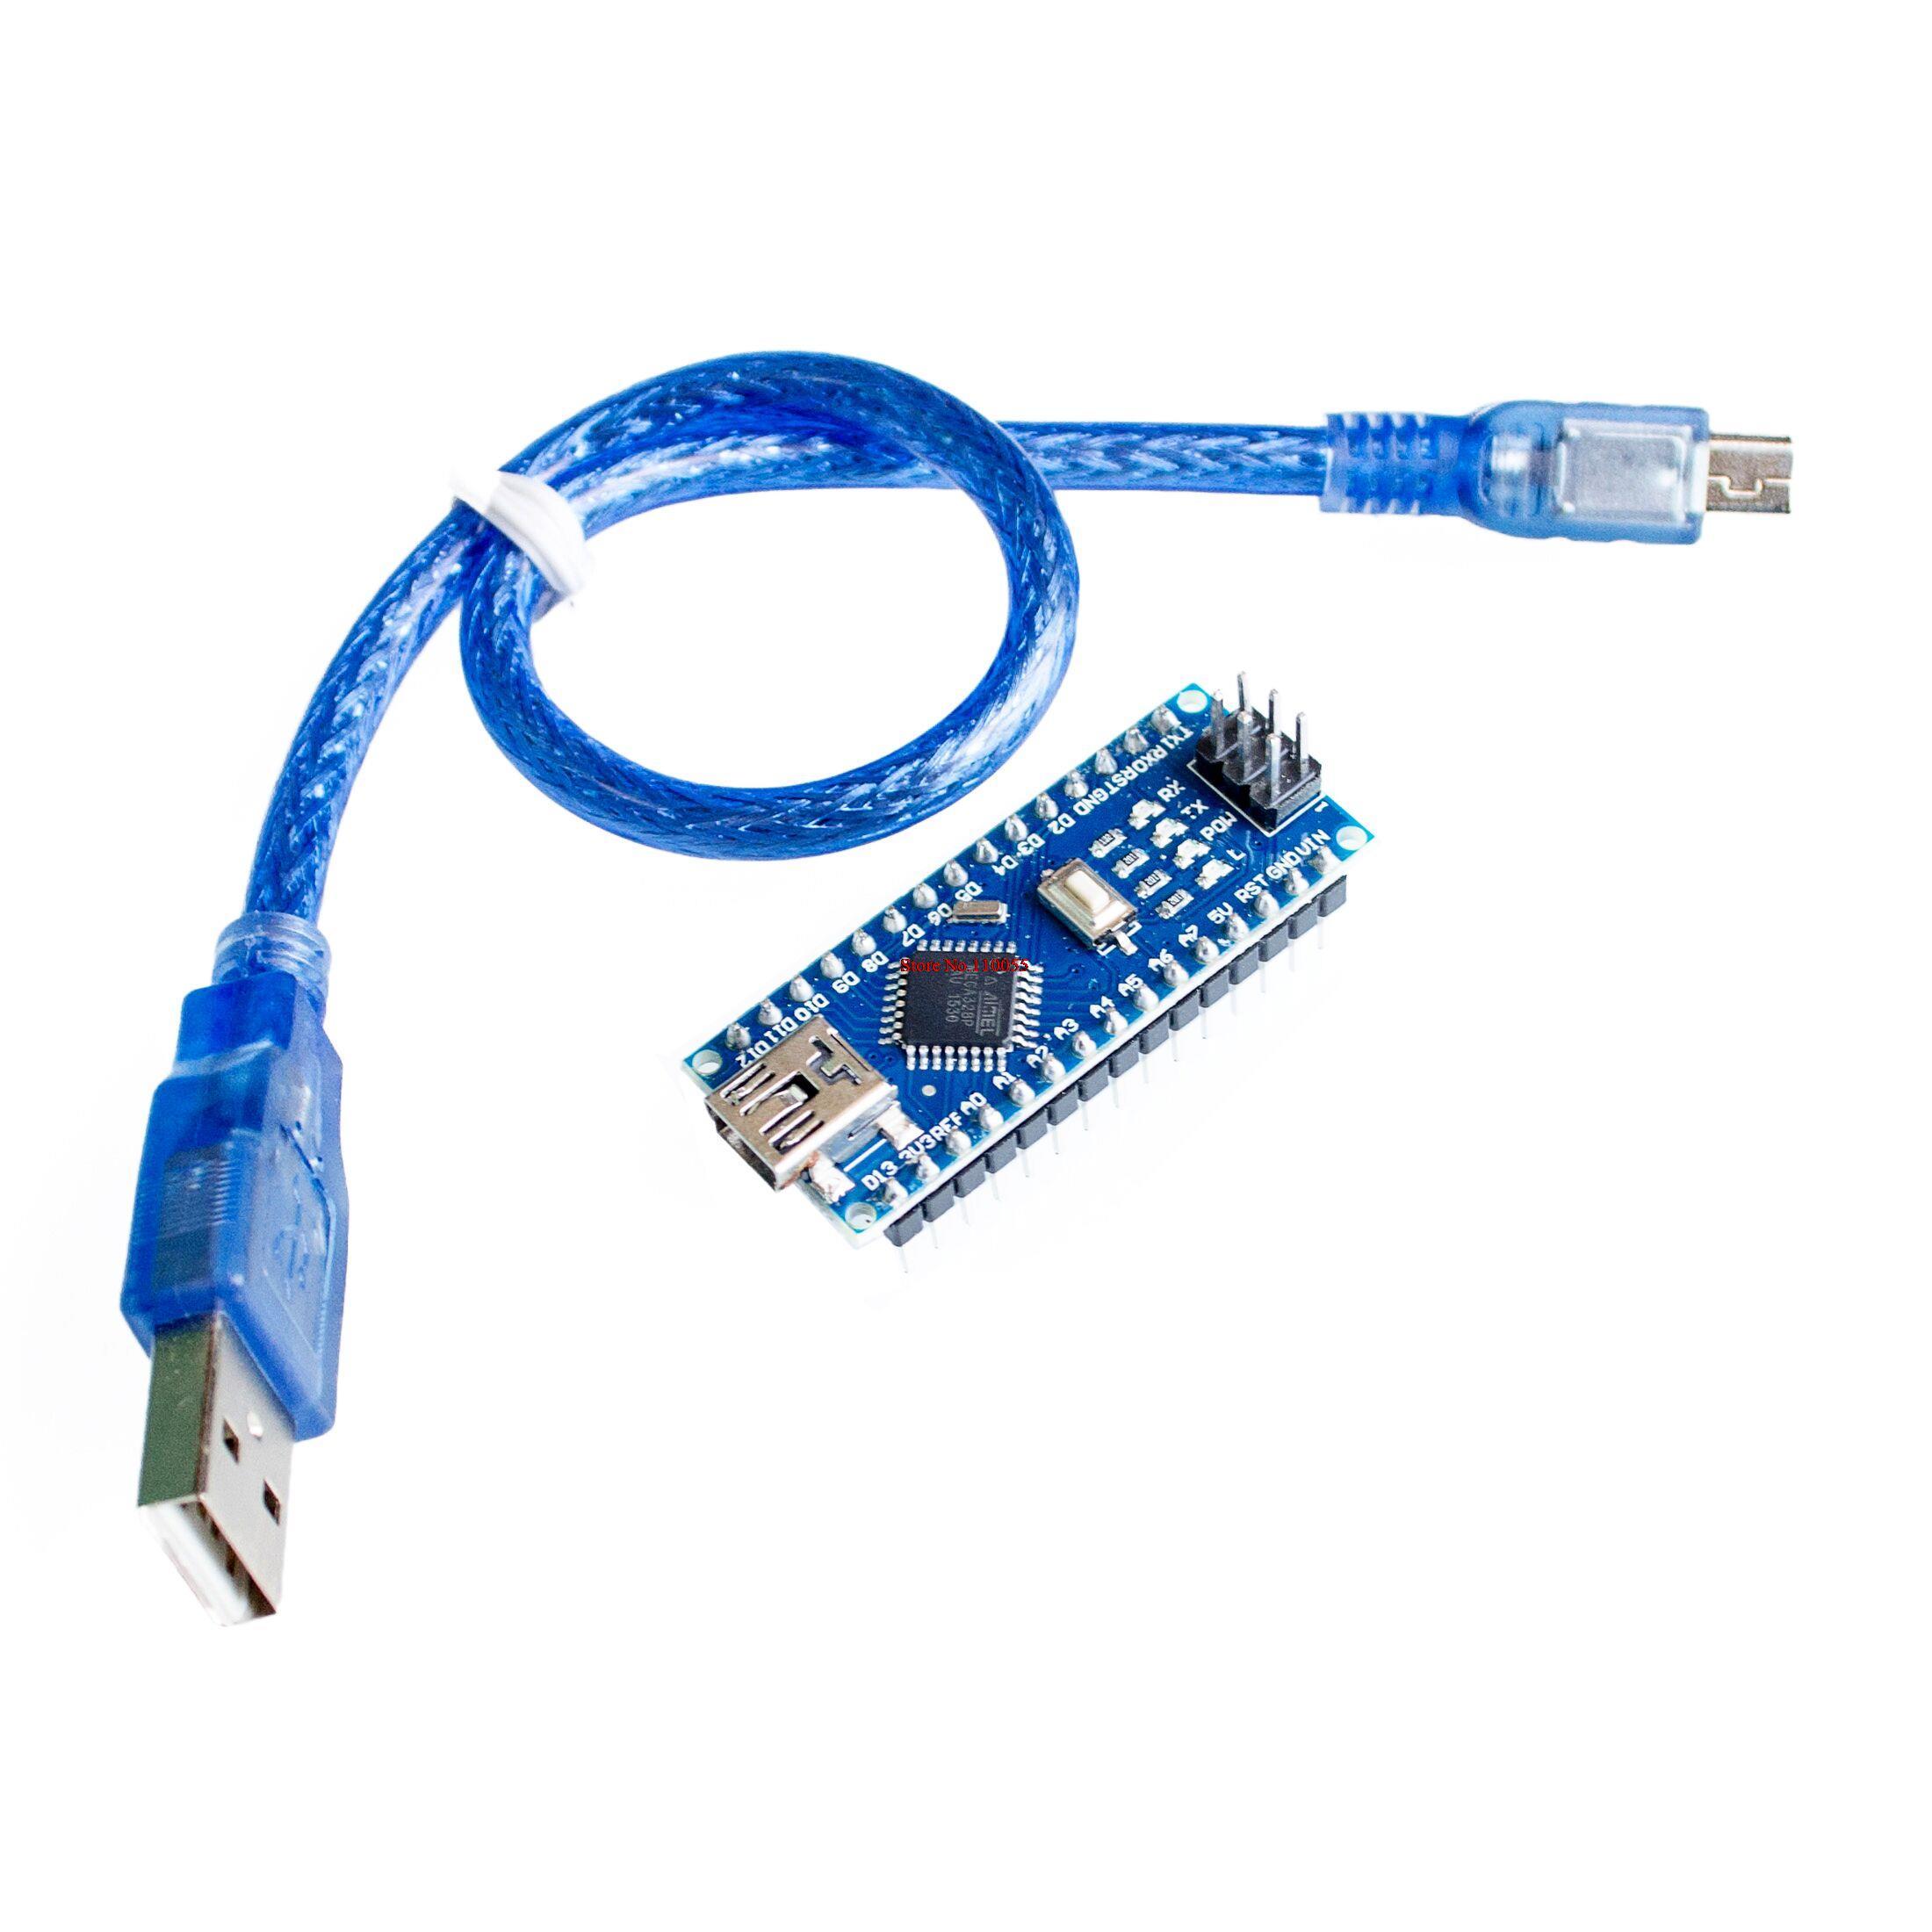 Nano 3.0 controller compatible arduino nano CH340 USB driver CABLE NANO V3.0 - A+A+A+ store